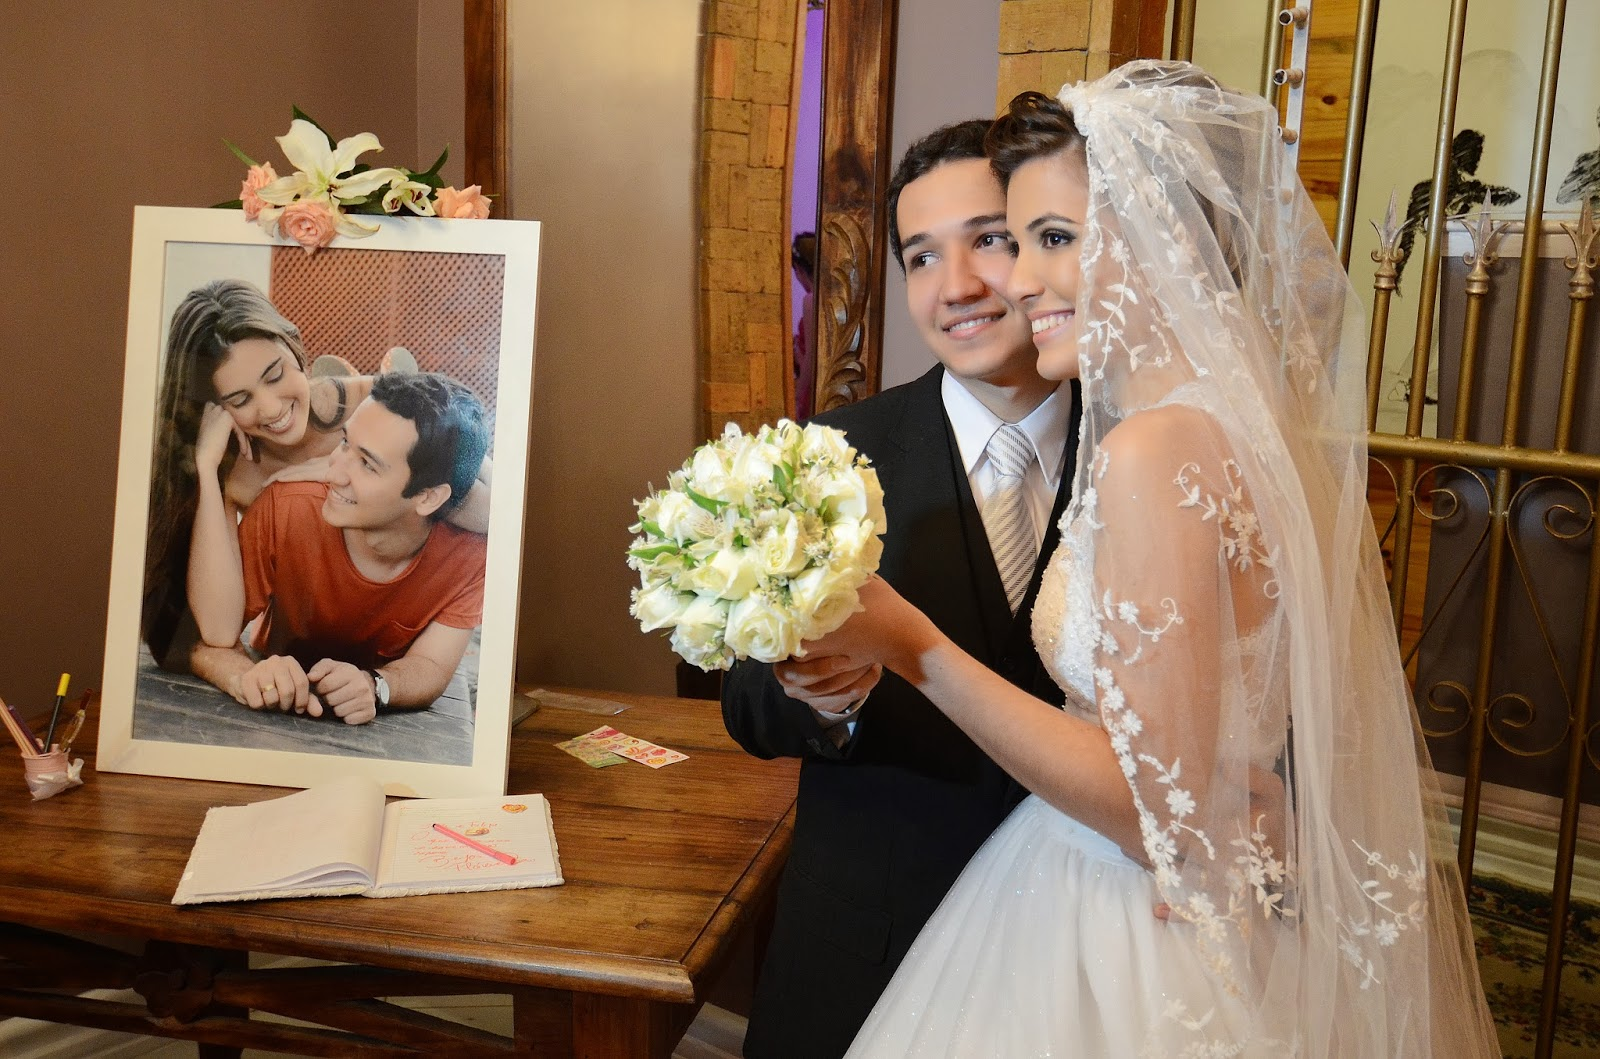 festa - recepção - noivos - bouquet - recado aos noivos